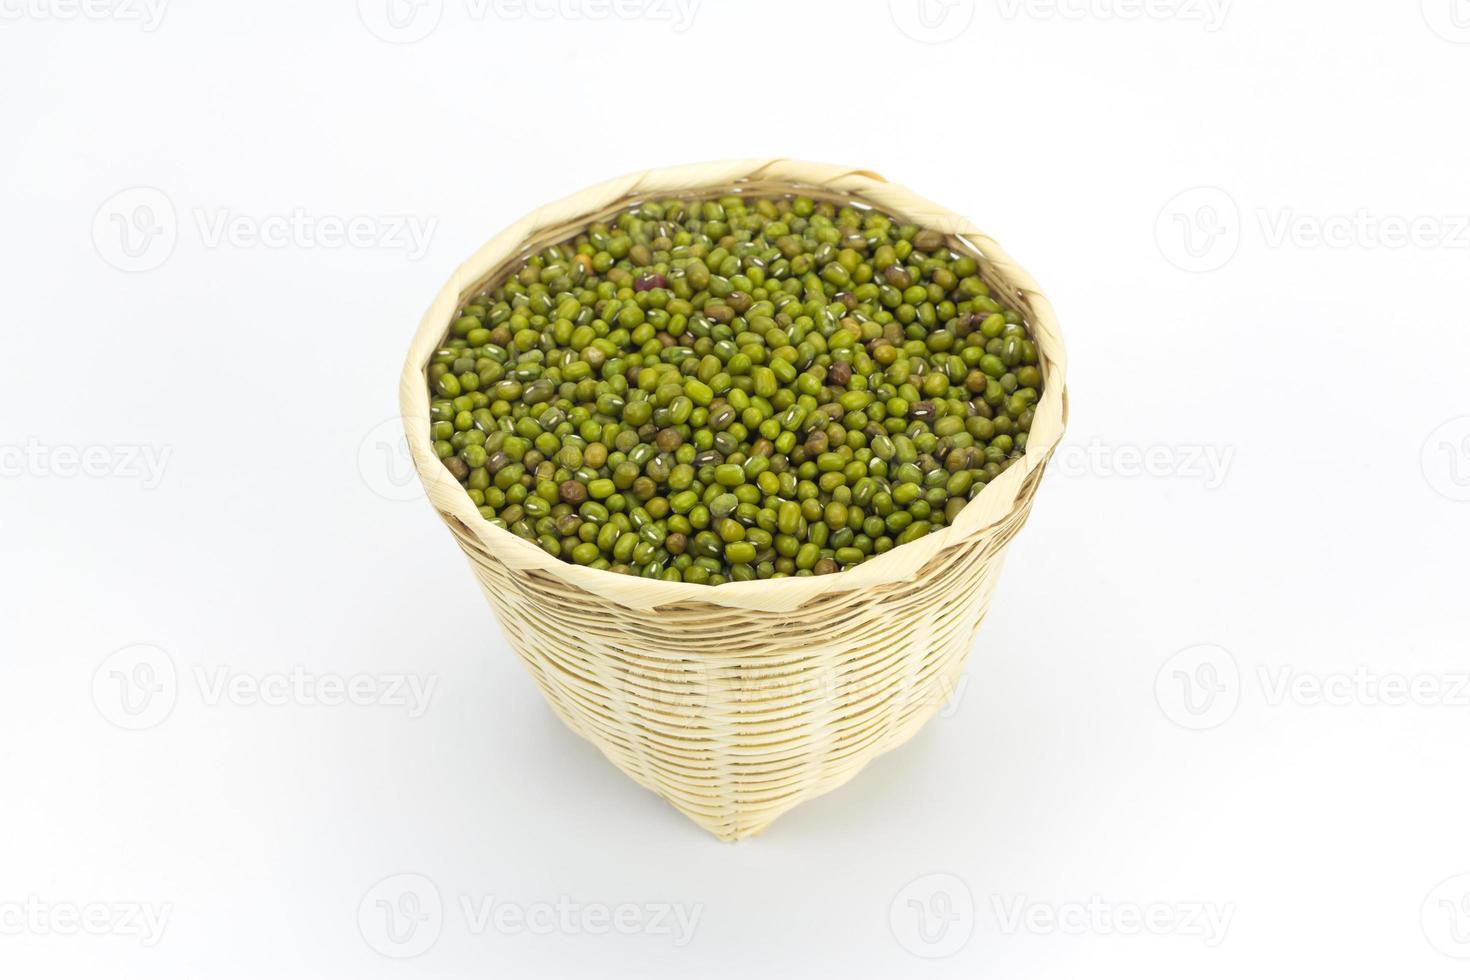 haricot vert ou haricot mungo dans un panier en bambou isolé photo